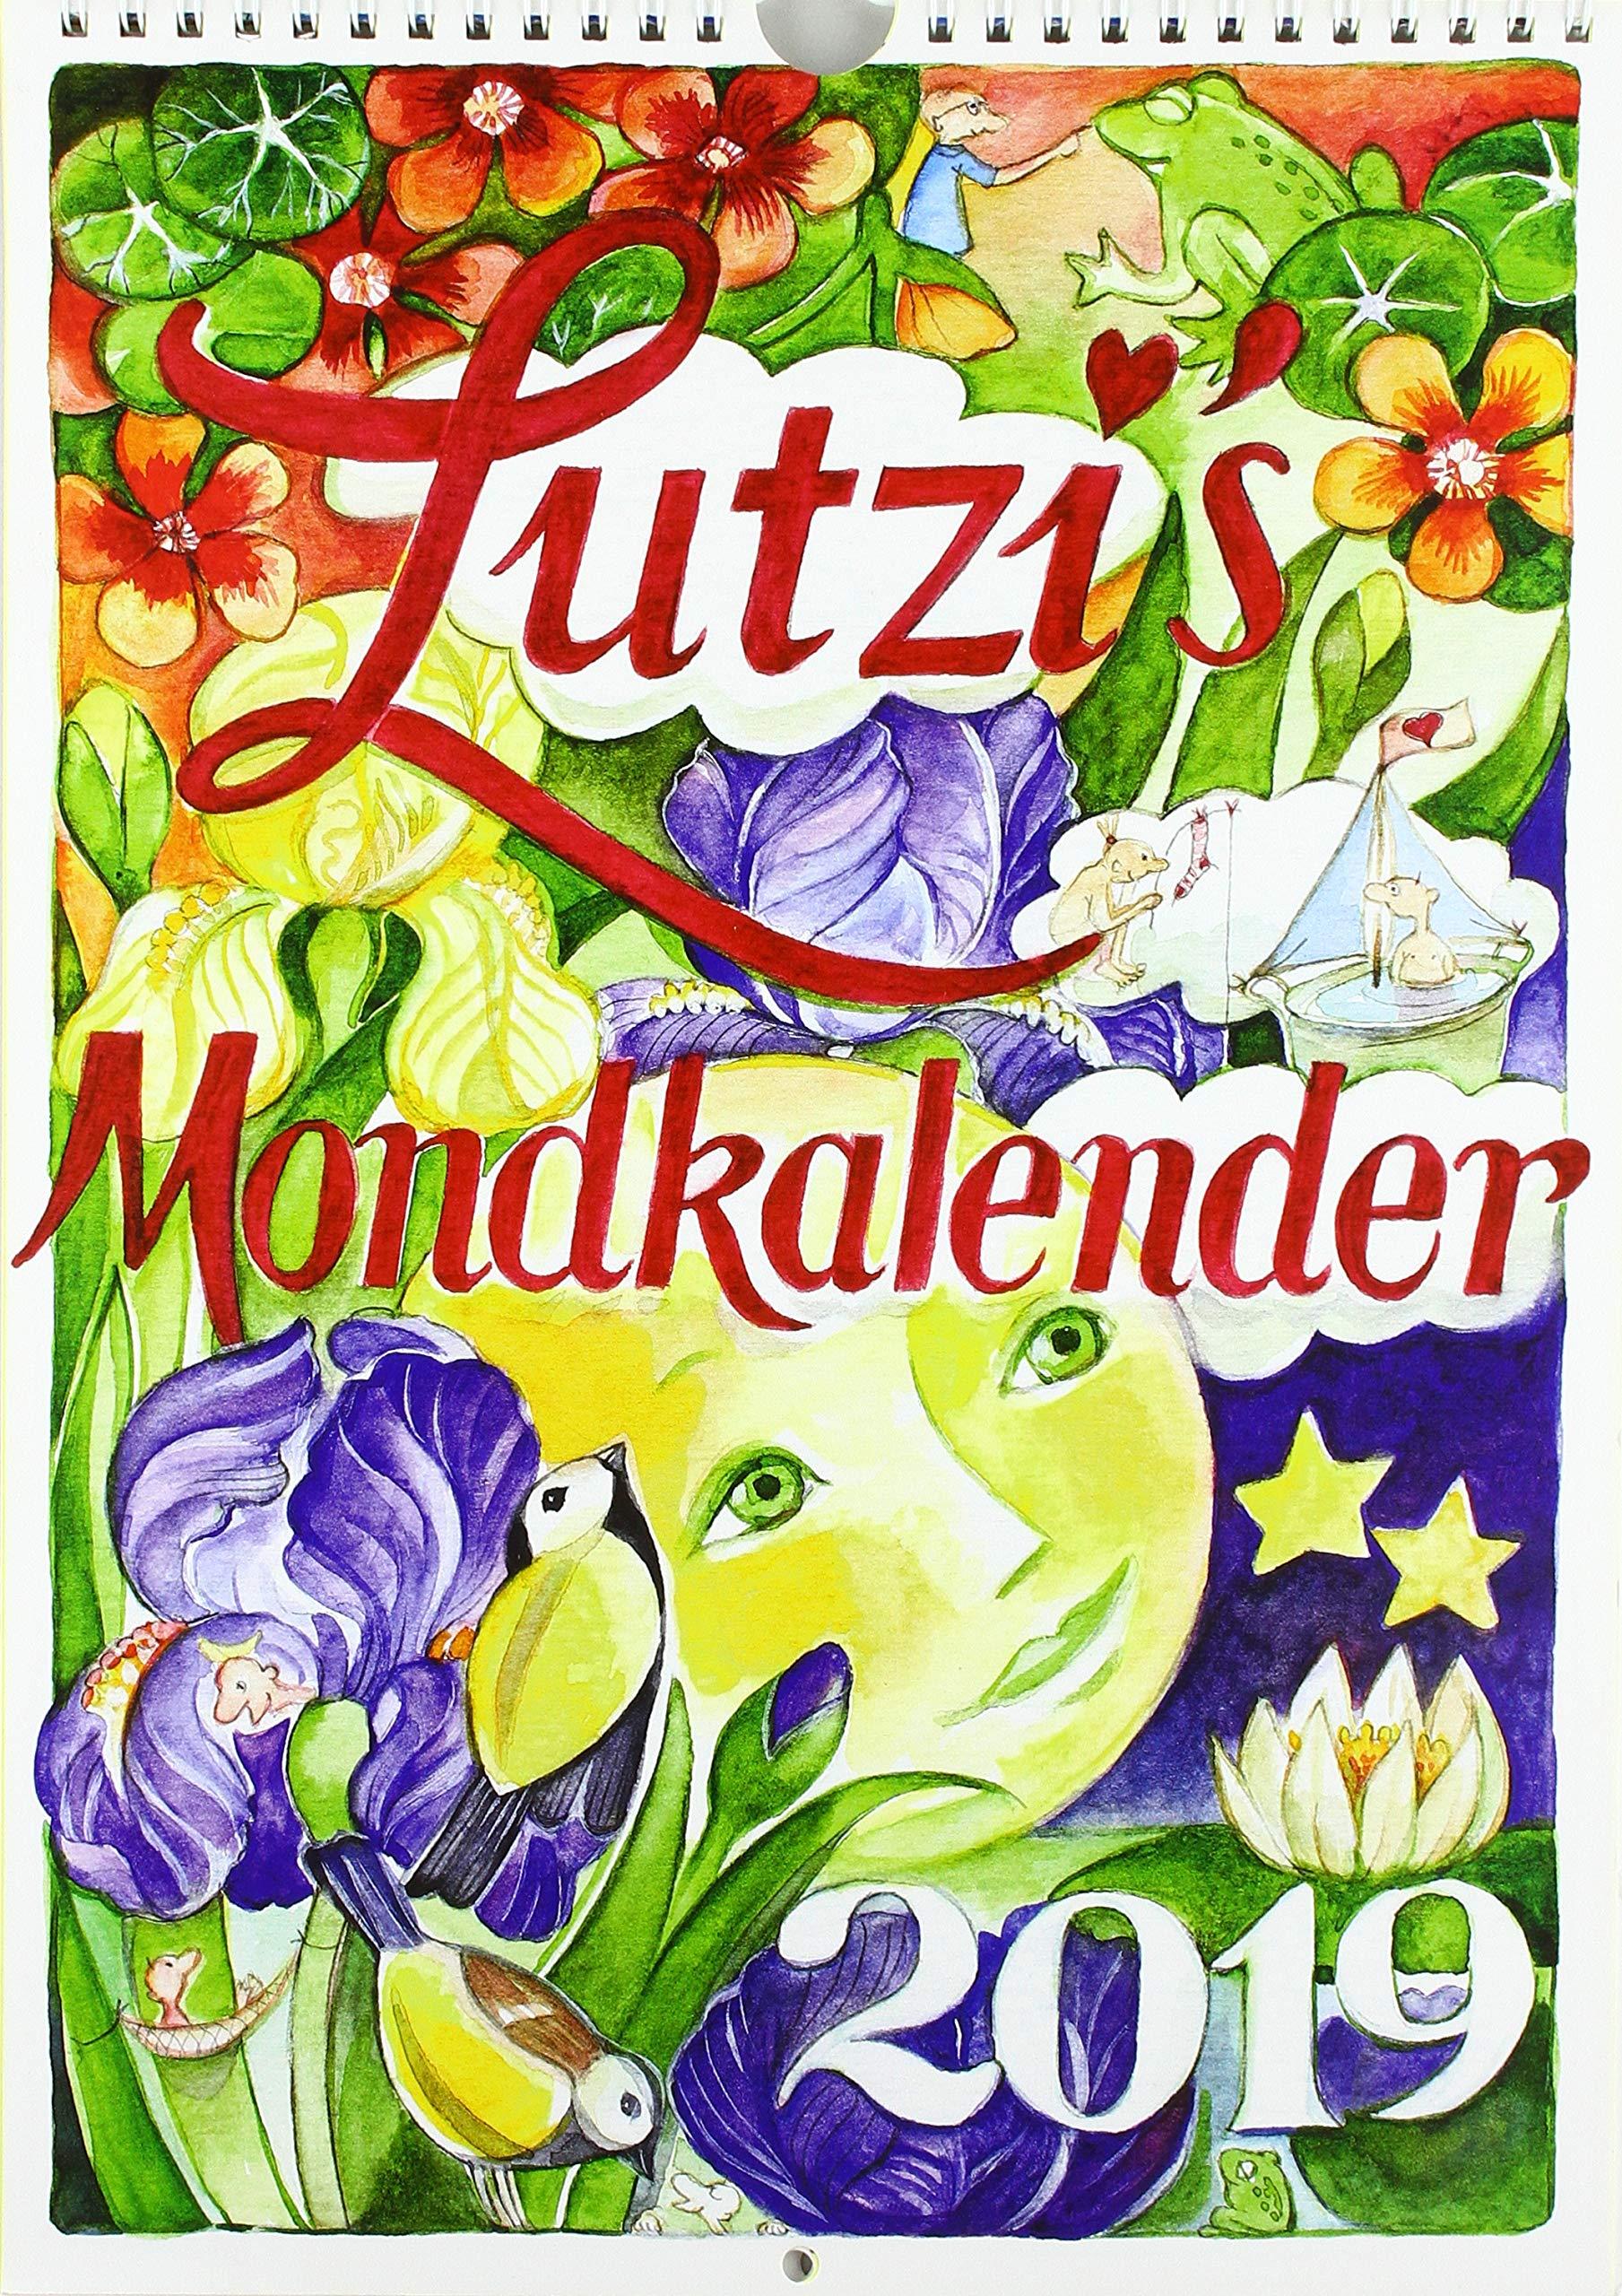 Lutzis Mondkalender kurz 2019 Kalender – 1. September 2018 Andrea Lutzenberger Lutzi Verlag Allgaeu 394296631X Astrologie